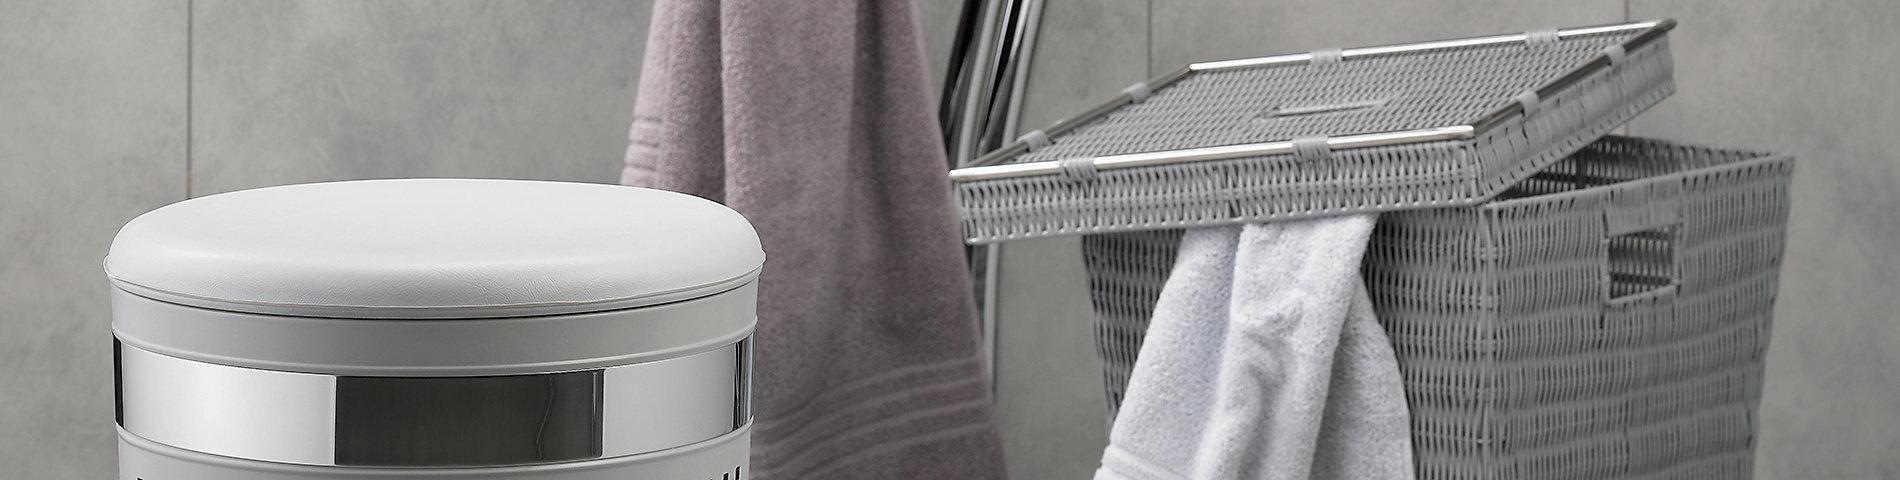 Ordnung im Badezimmer mit Wäschebox und Korb-Varianten